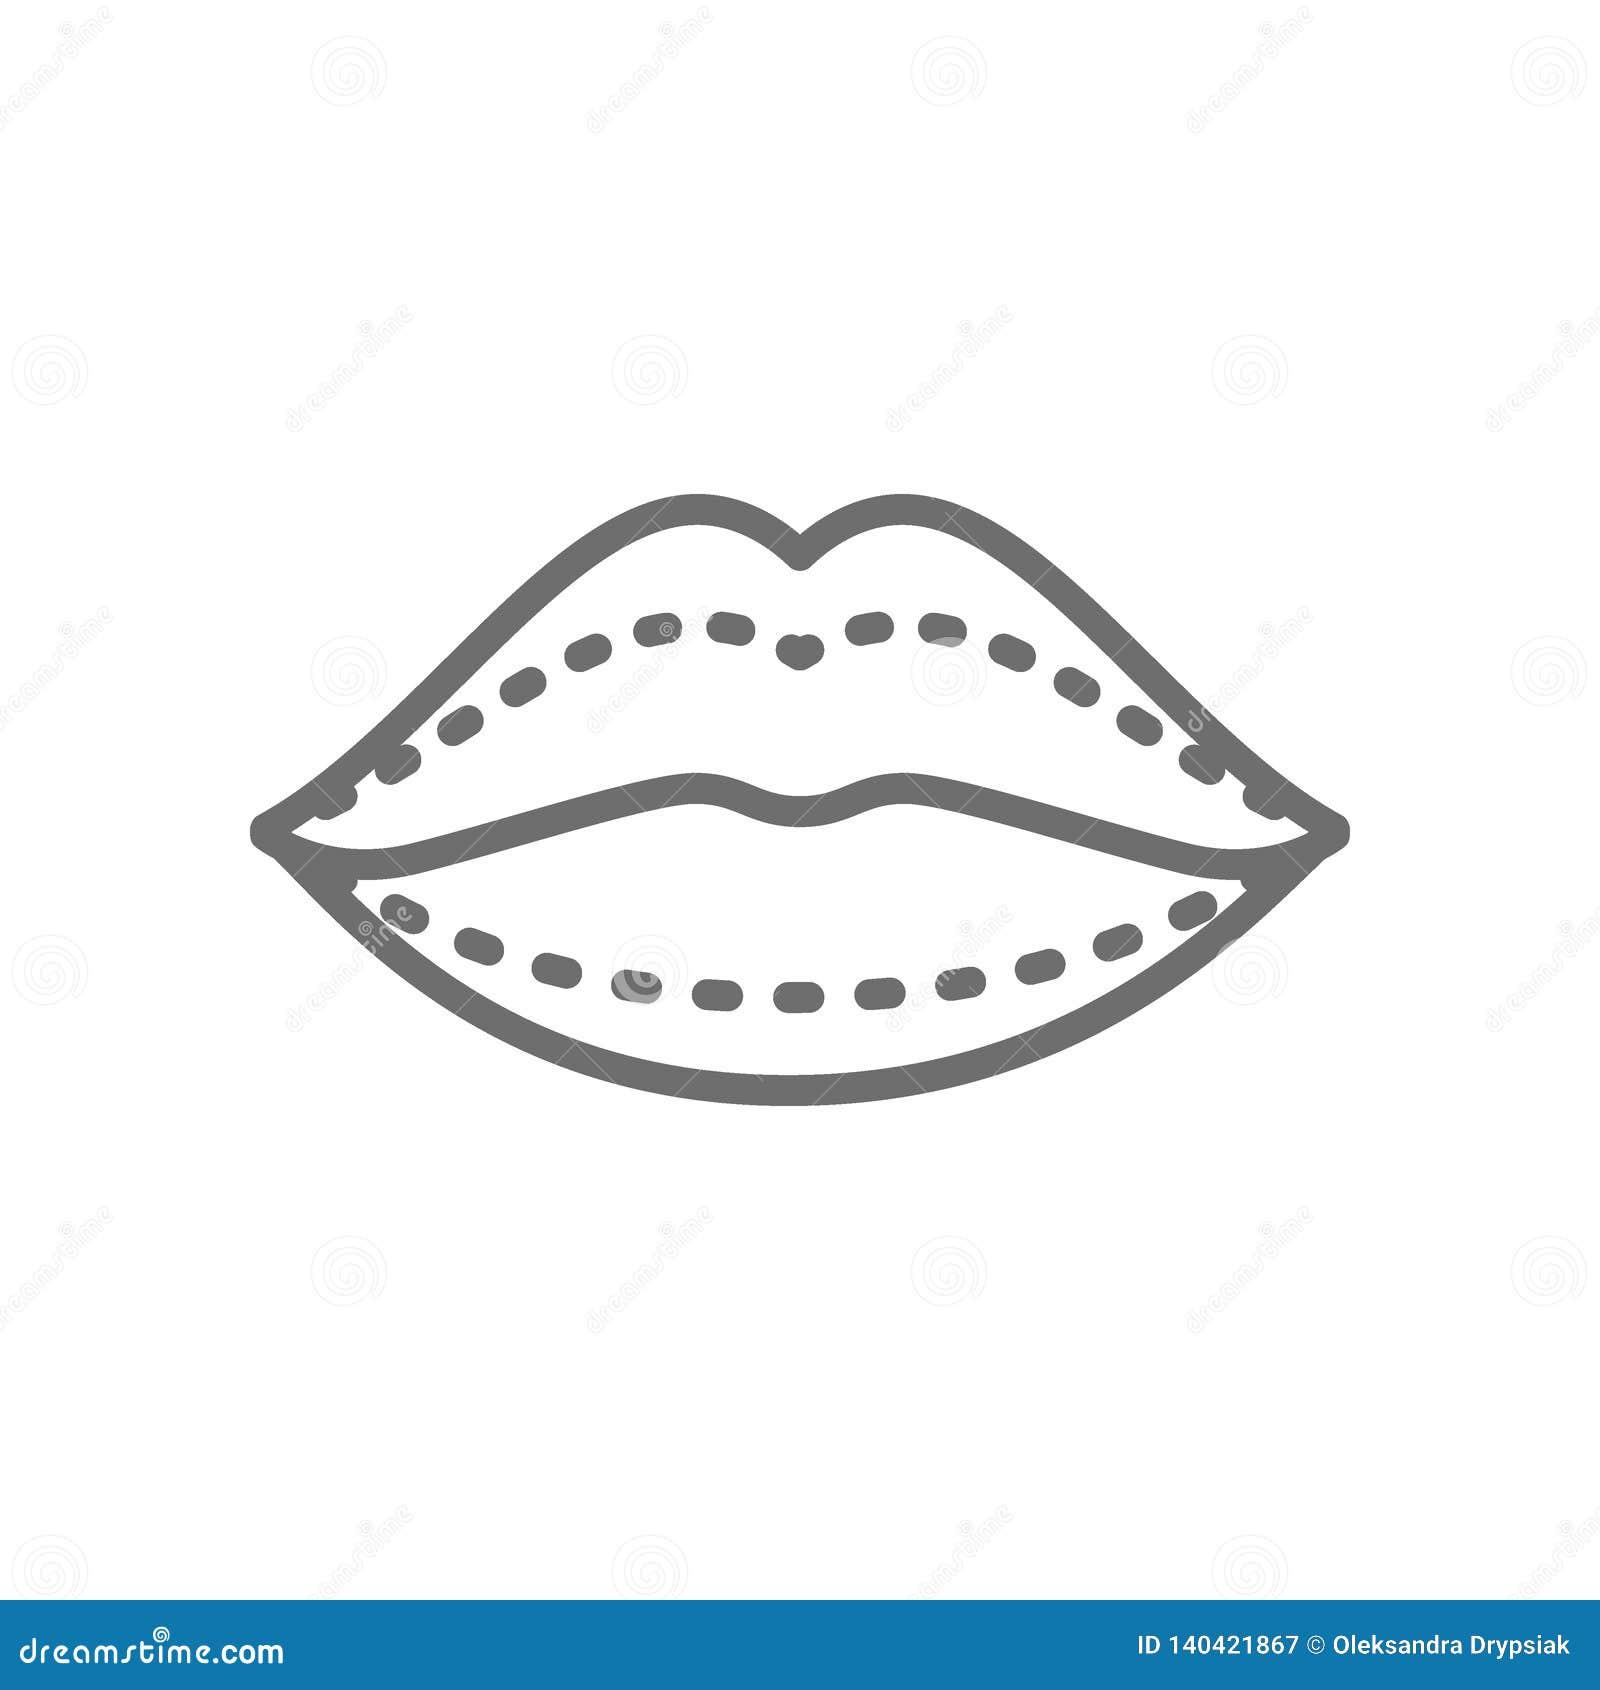 Aumento del labio, inyecciones ácidas hialurónicas, línea icono de la cirugía plástica